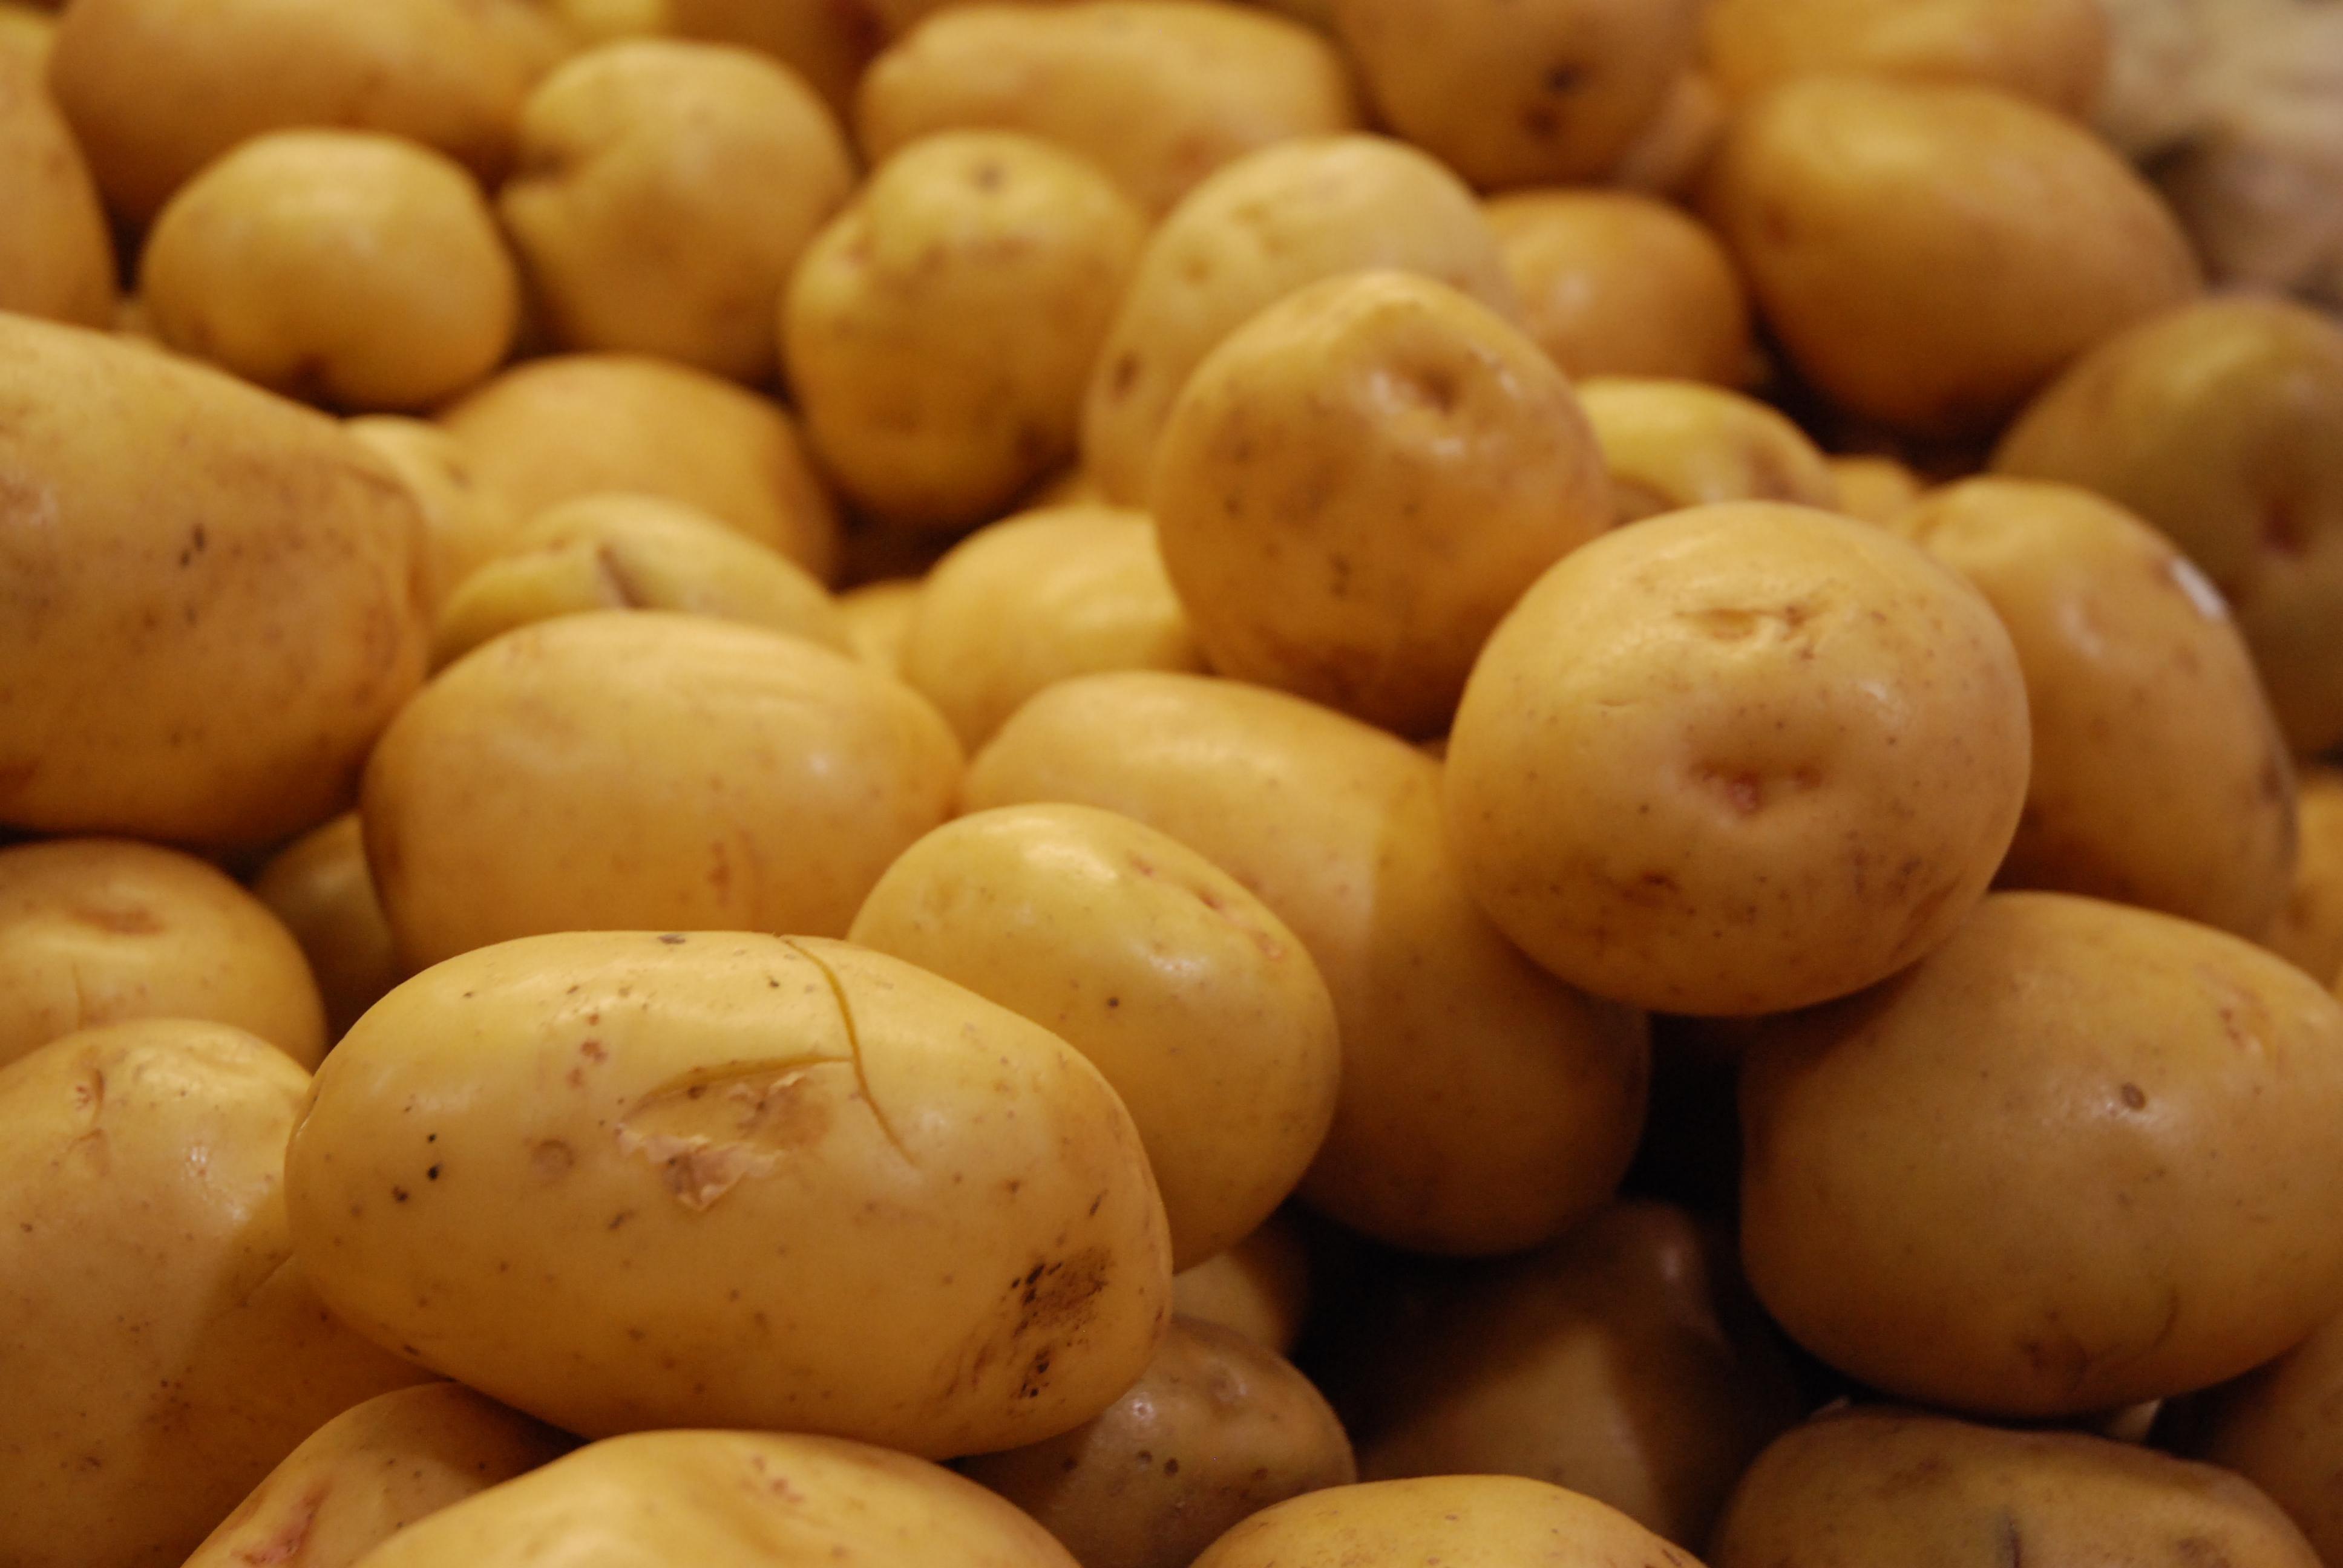 creamy mashed potato recipe, creamy mashed potatoes recipe, recipe for creamy mashed potatoes, creamy mash potato recipe, creamy mash potatoes recipe, creamy mashed potatoes recipe with cream cheese, mashed potatoes recipe, mashed potato recipe, mash potatoes recipe, mash potato recipe, best mashed potatoes recipe, recipe for mashed potatoes, mashed potato recipes, homemade mashed potatoes recipe